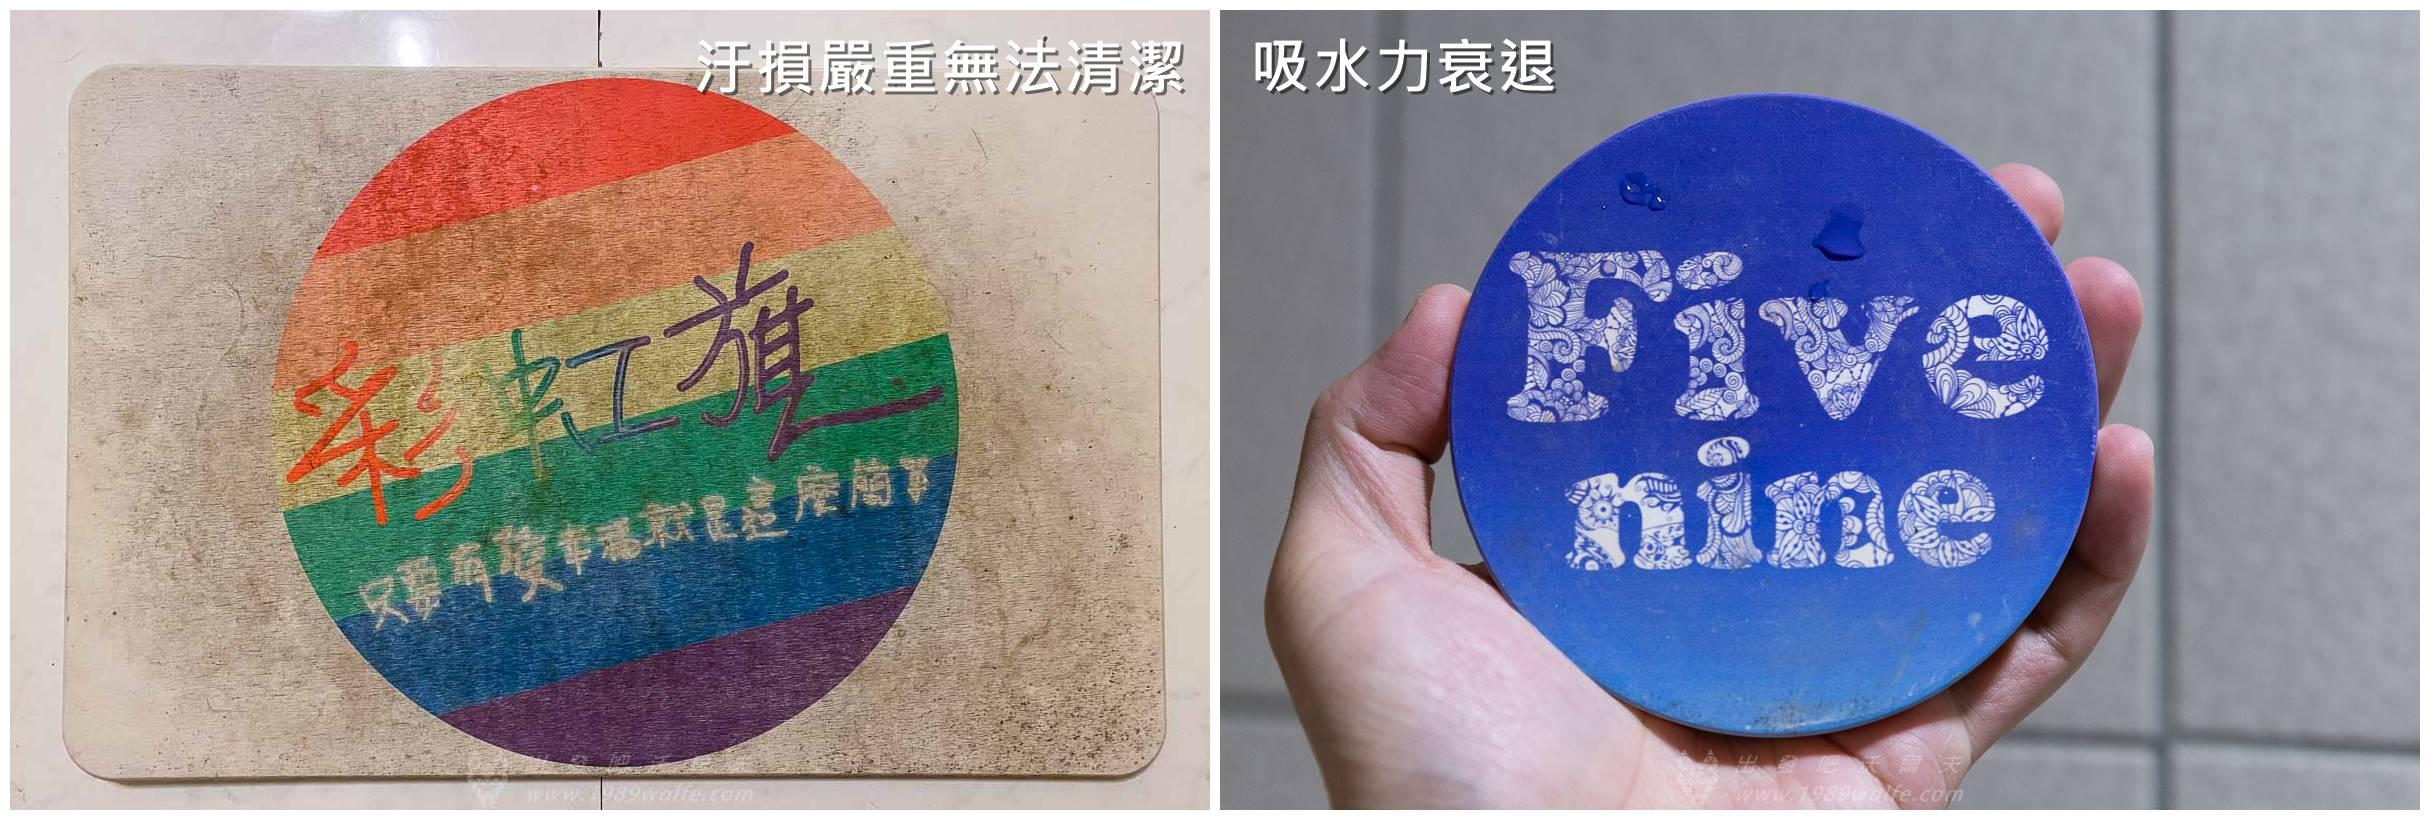 台灣製MBM珪藻土